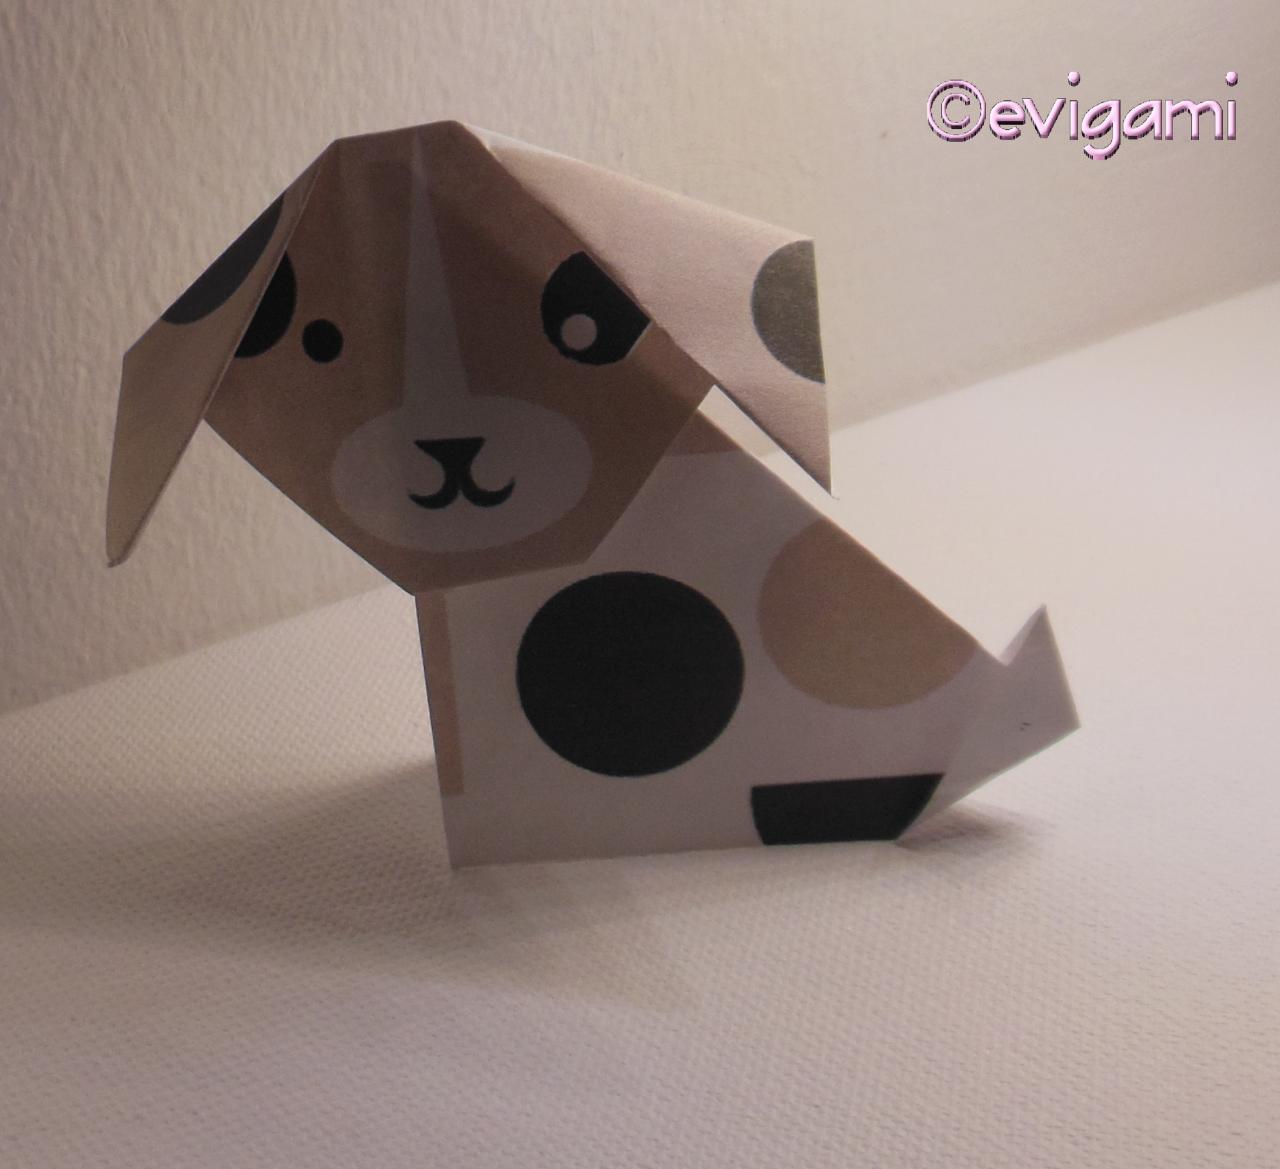 evigami druckvorlagen origami f r kinder. Black Bedroom Furniture Sets. Home Design Ideas